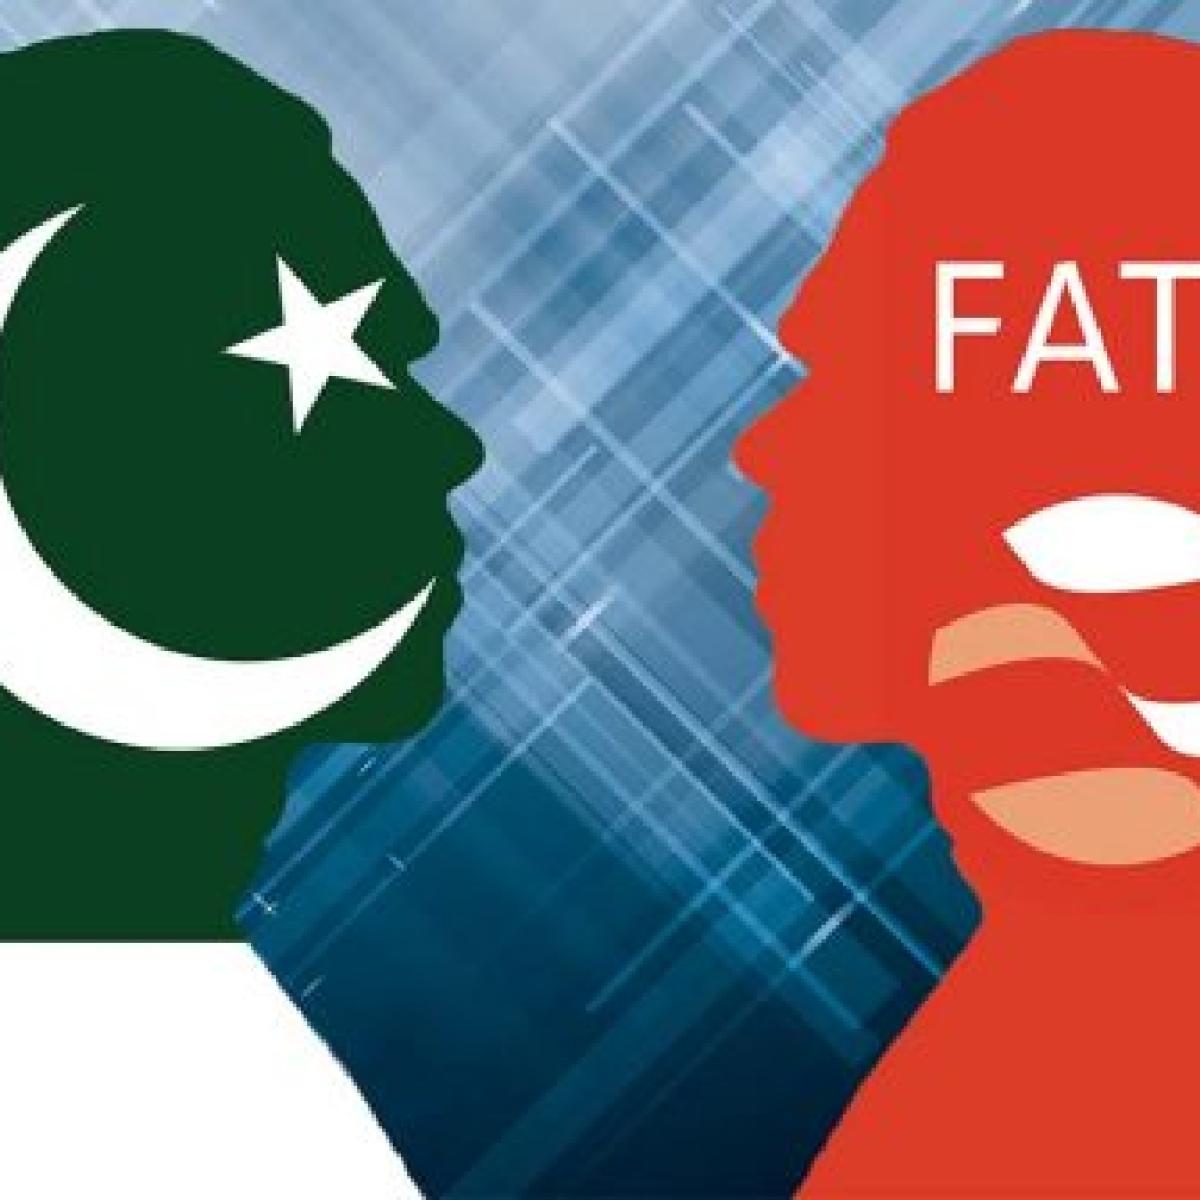 Pakistan may escape FATF black list